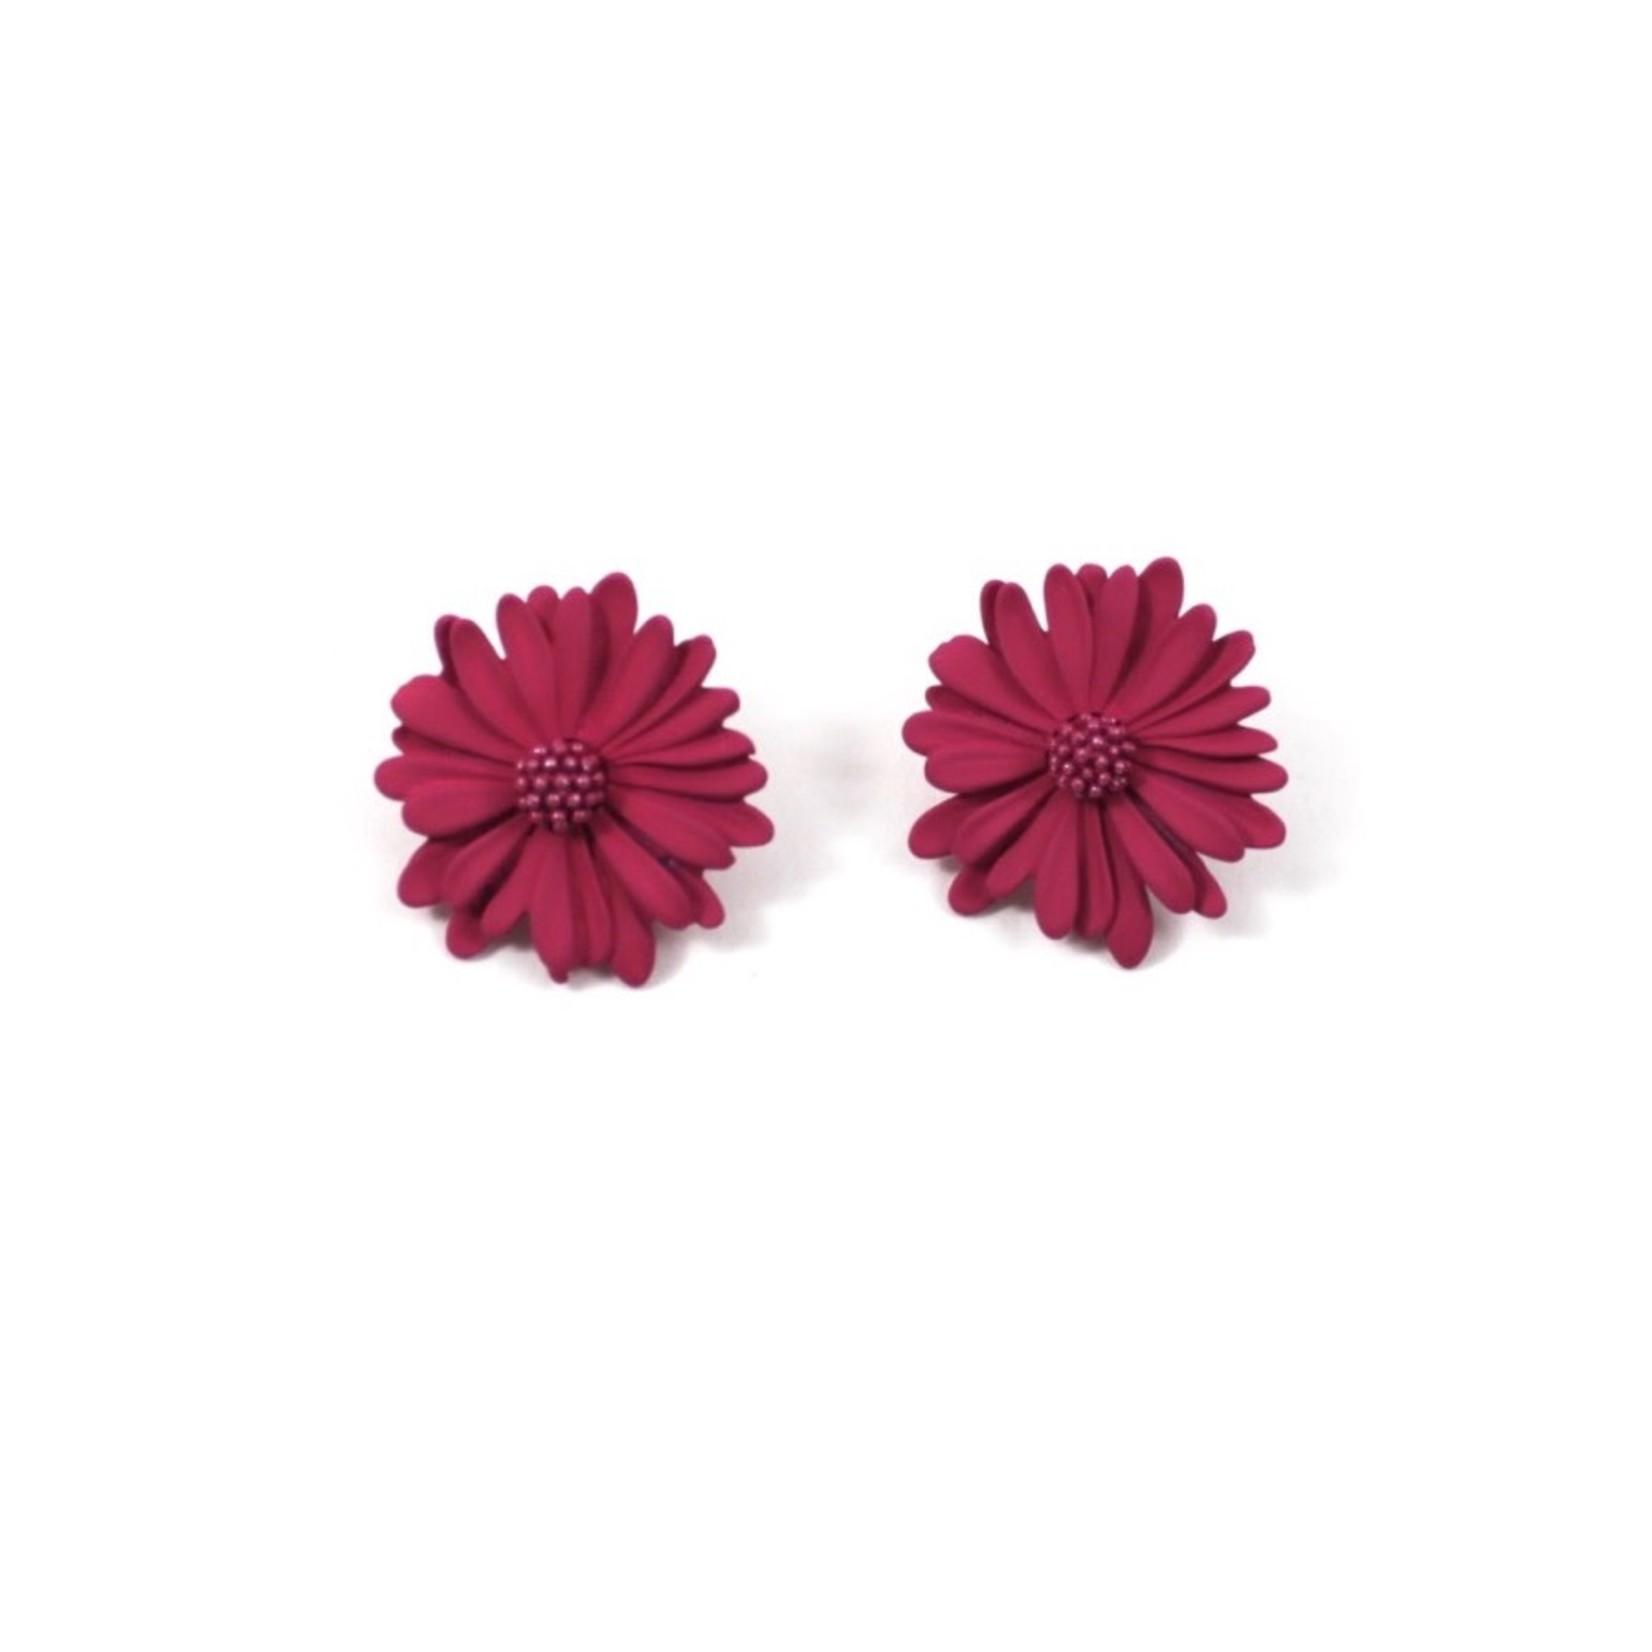 Hot Pink Daisy Stud Earrings